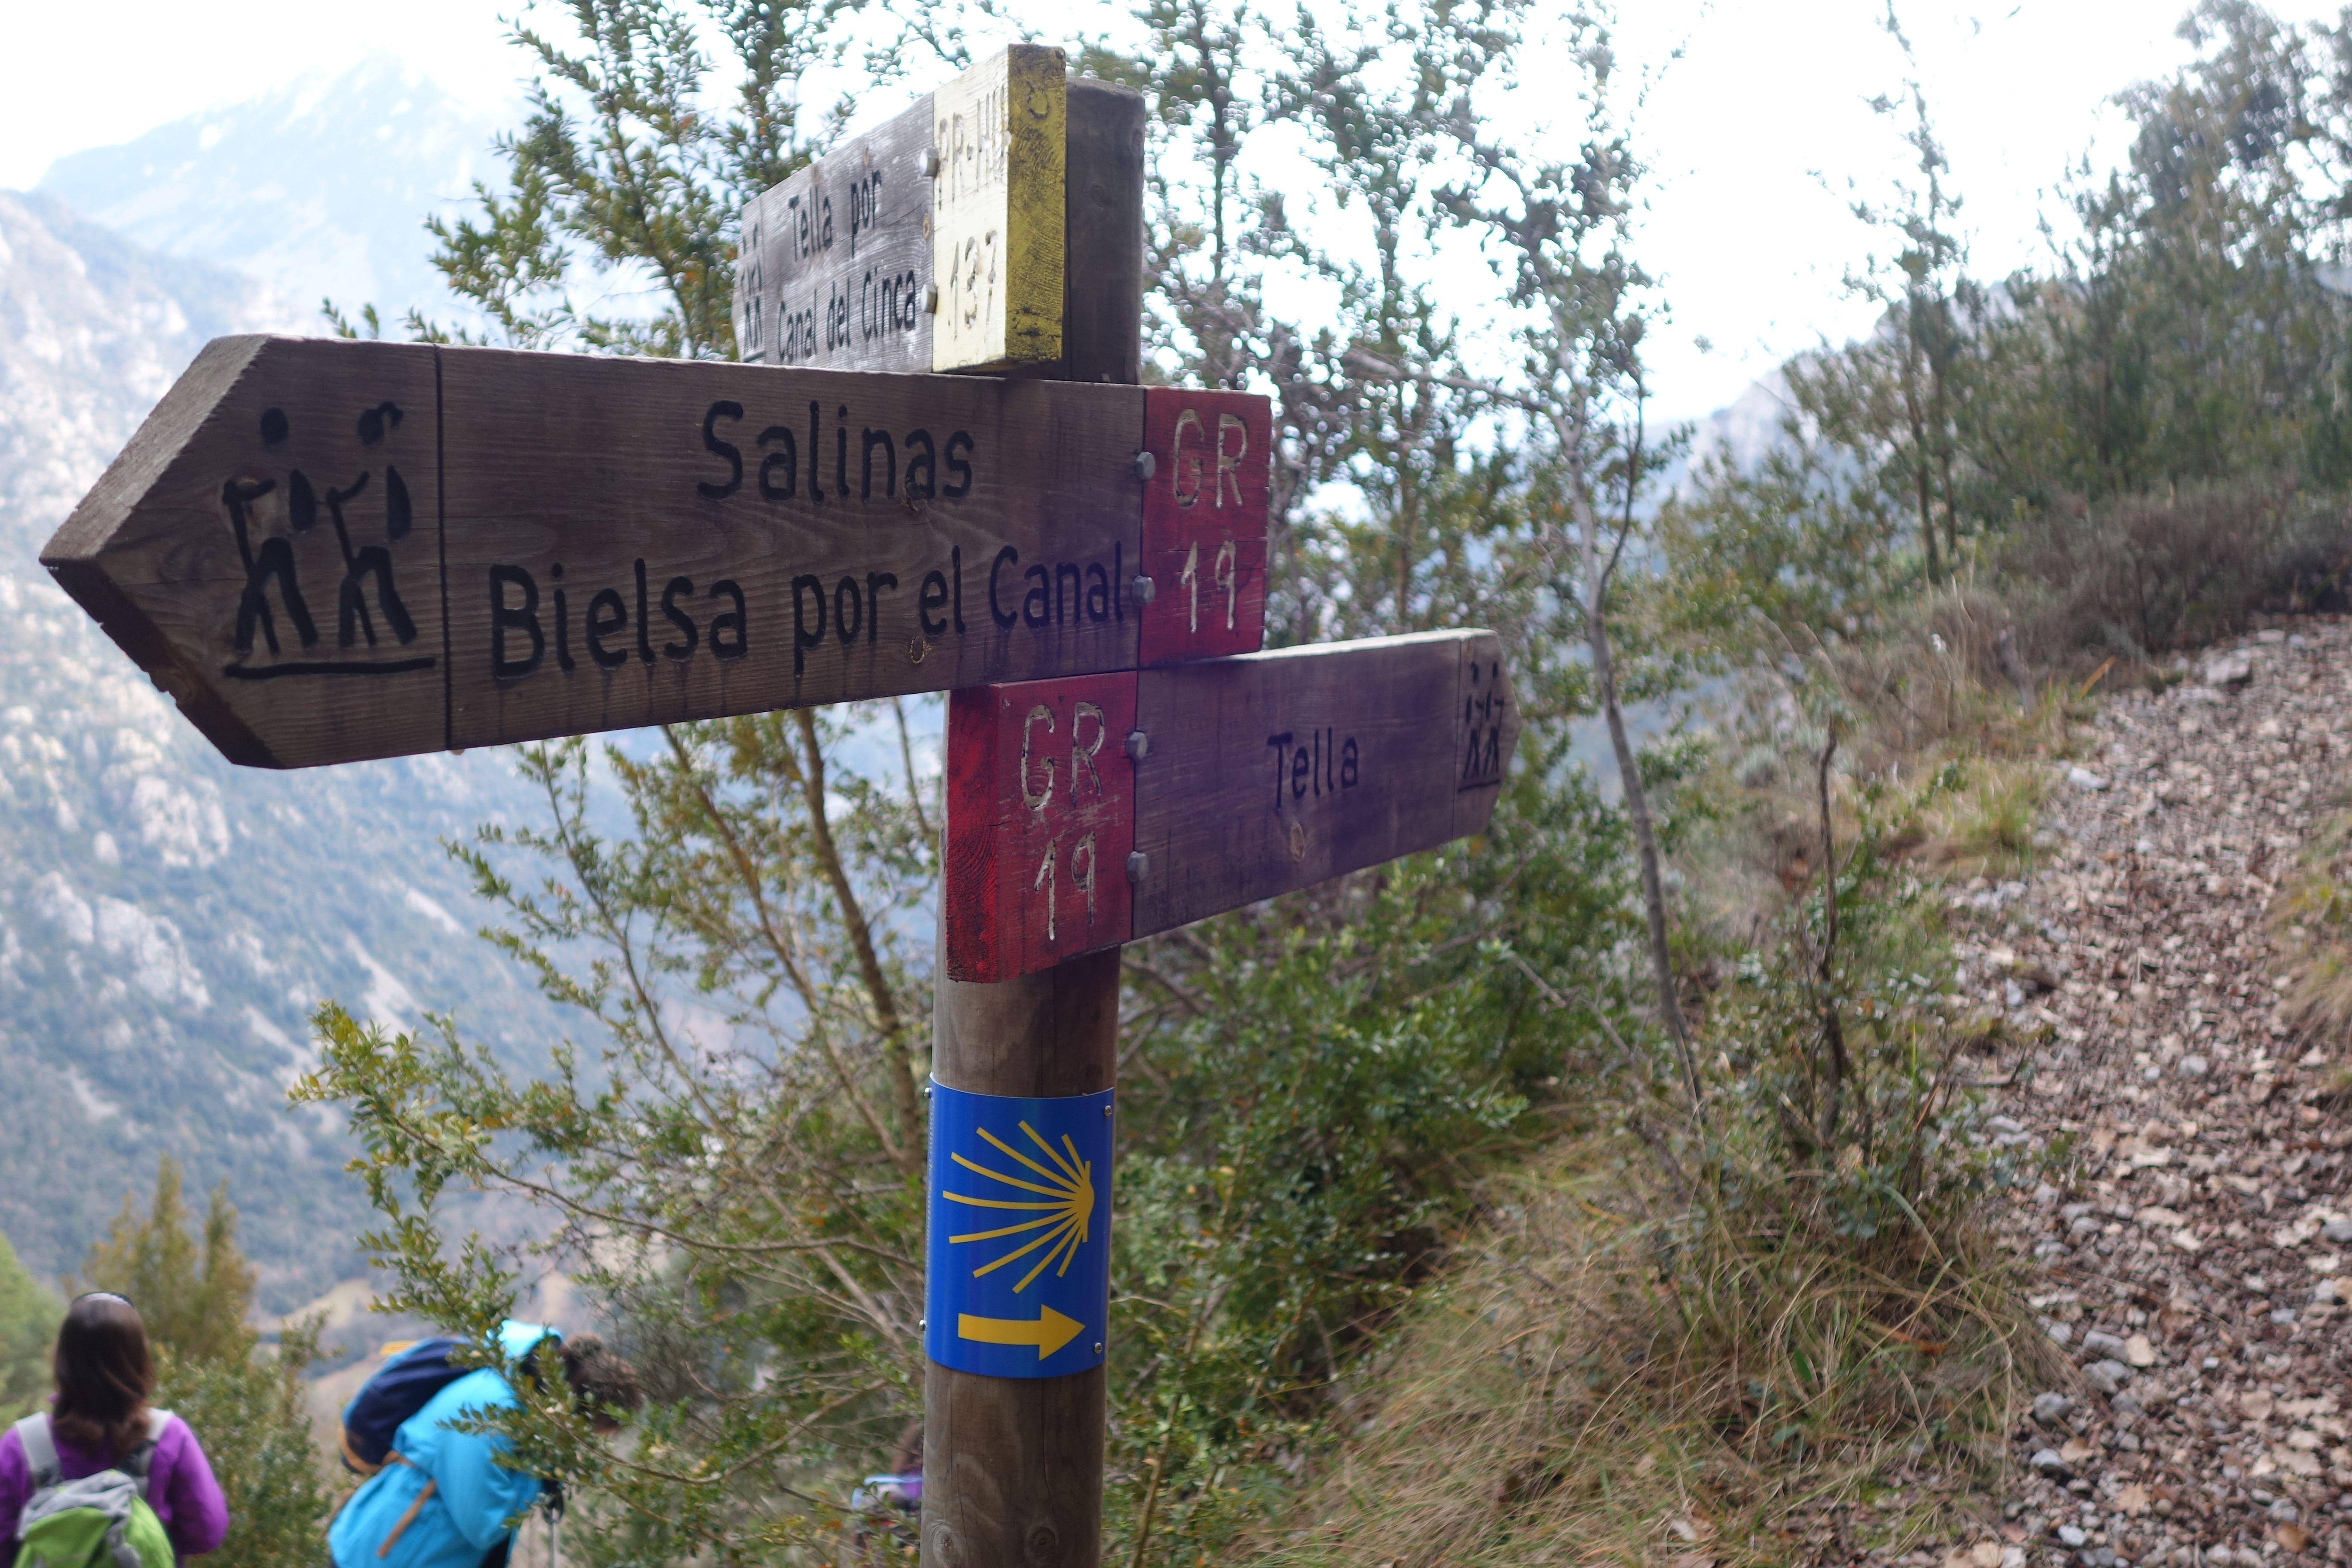 Volvemos a tomar el Canal del Cinca por el PR-HU-137, dejando a la derecha el GR-19 hacia Tella